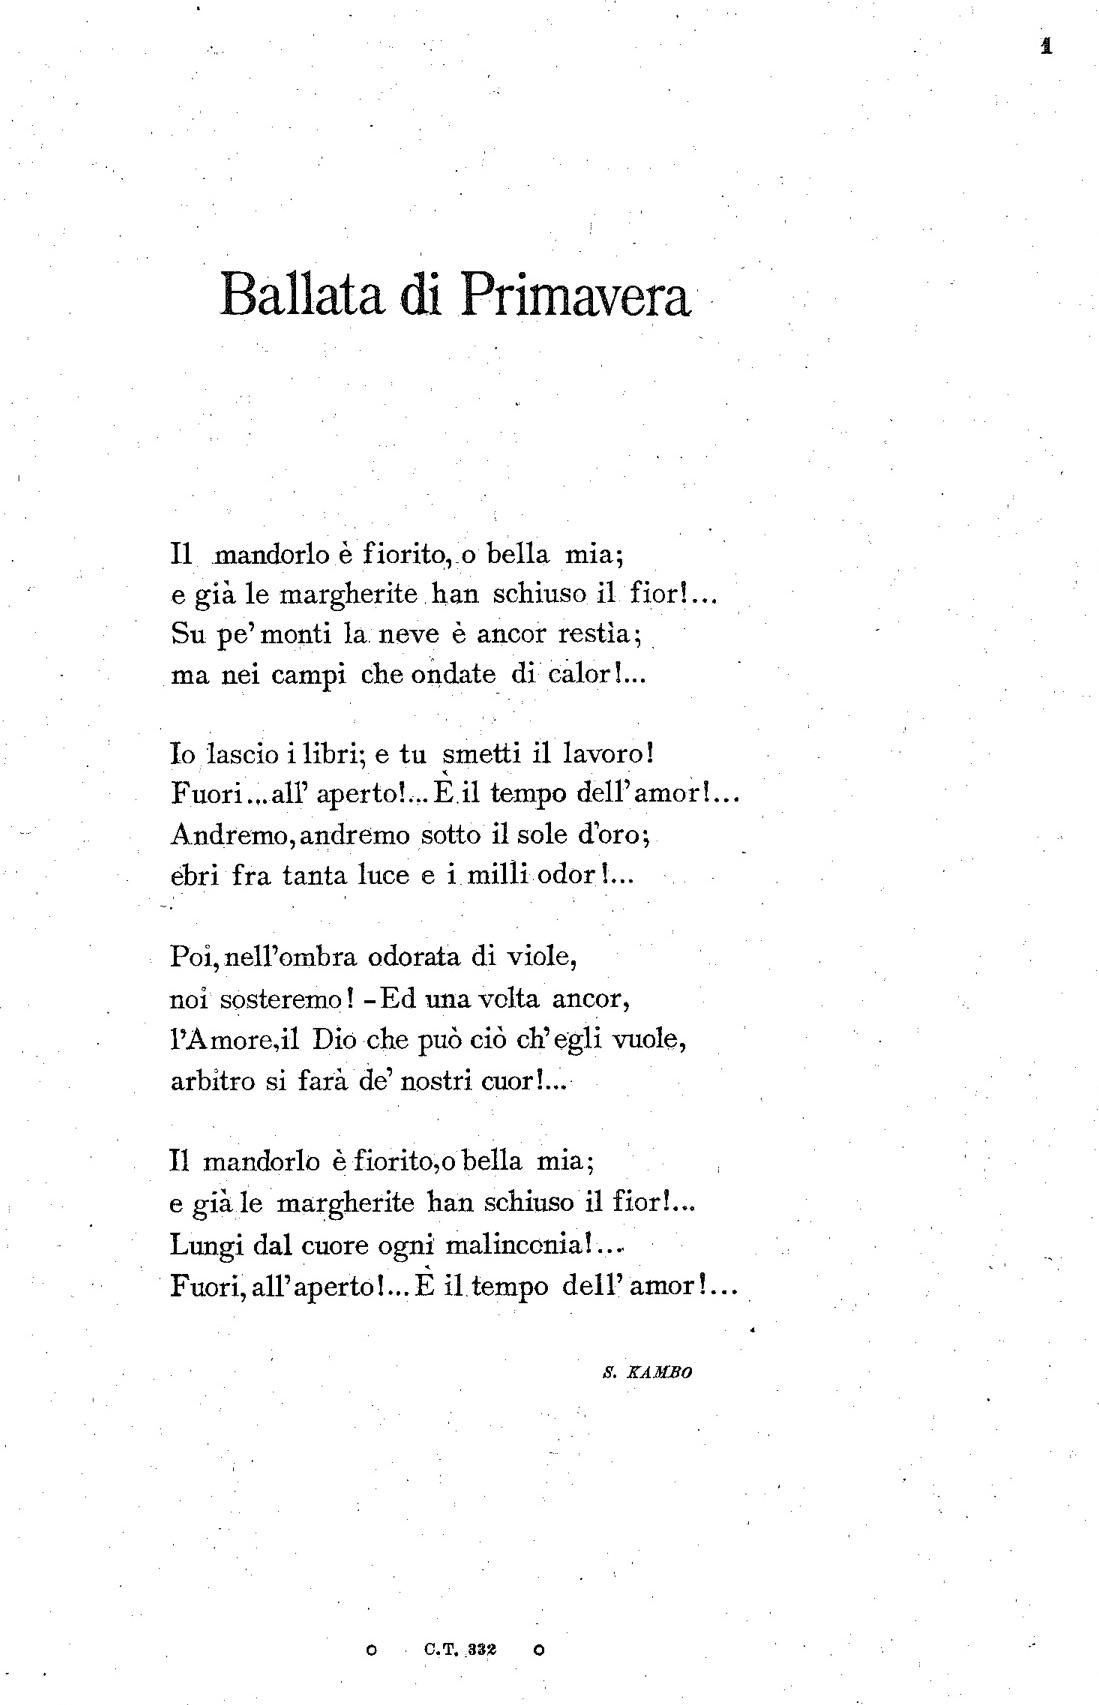 Franchetti - Ballata di primavera1